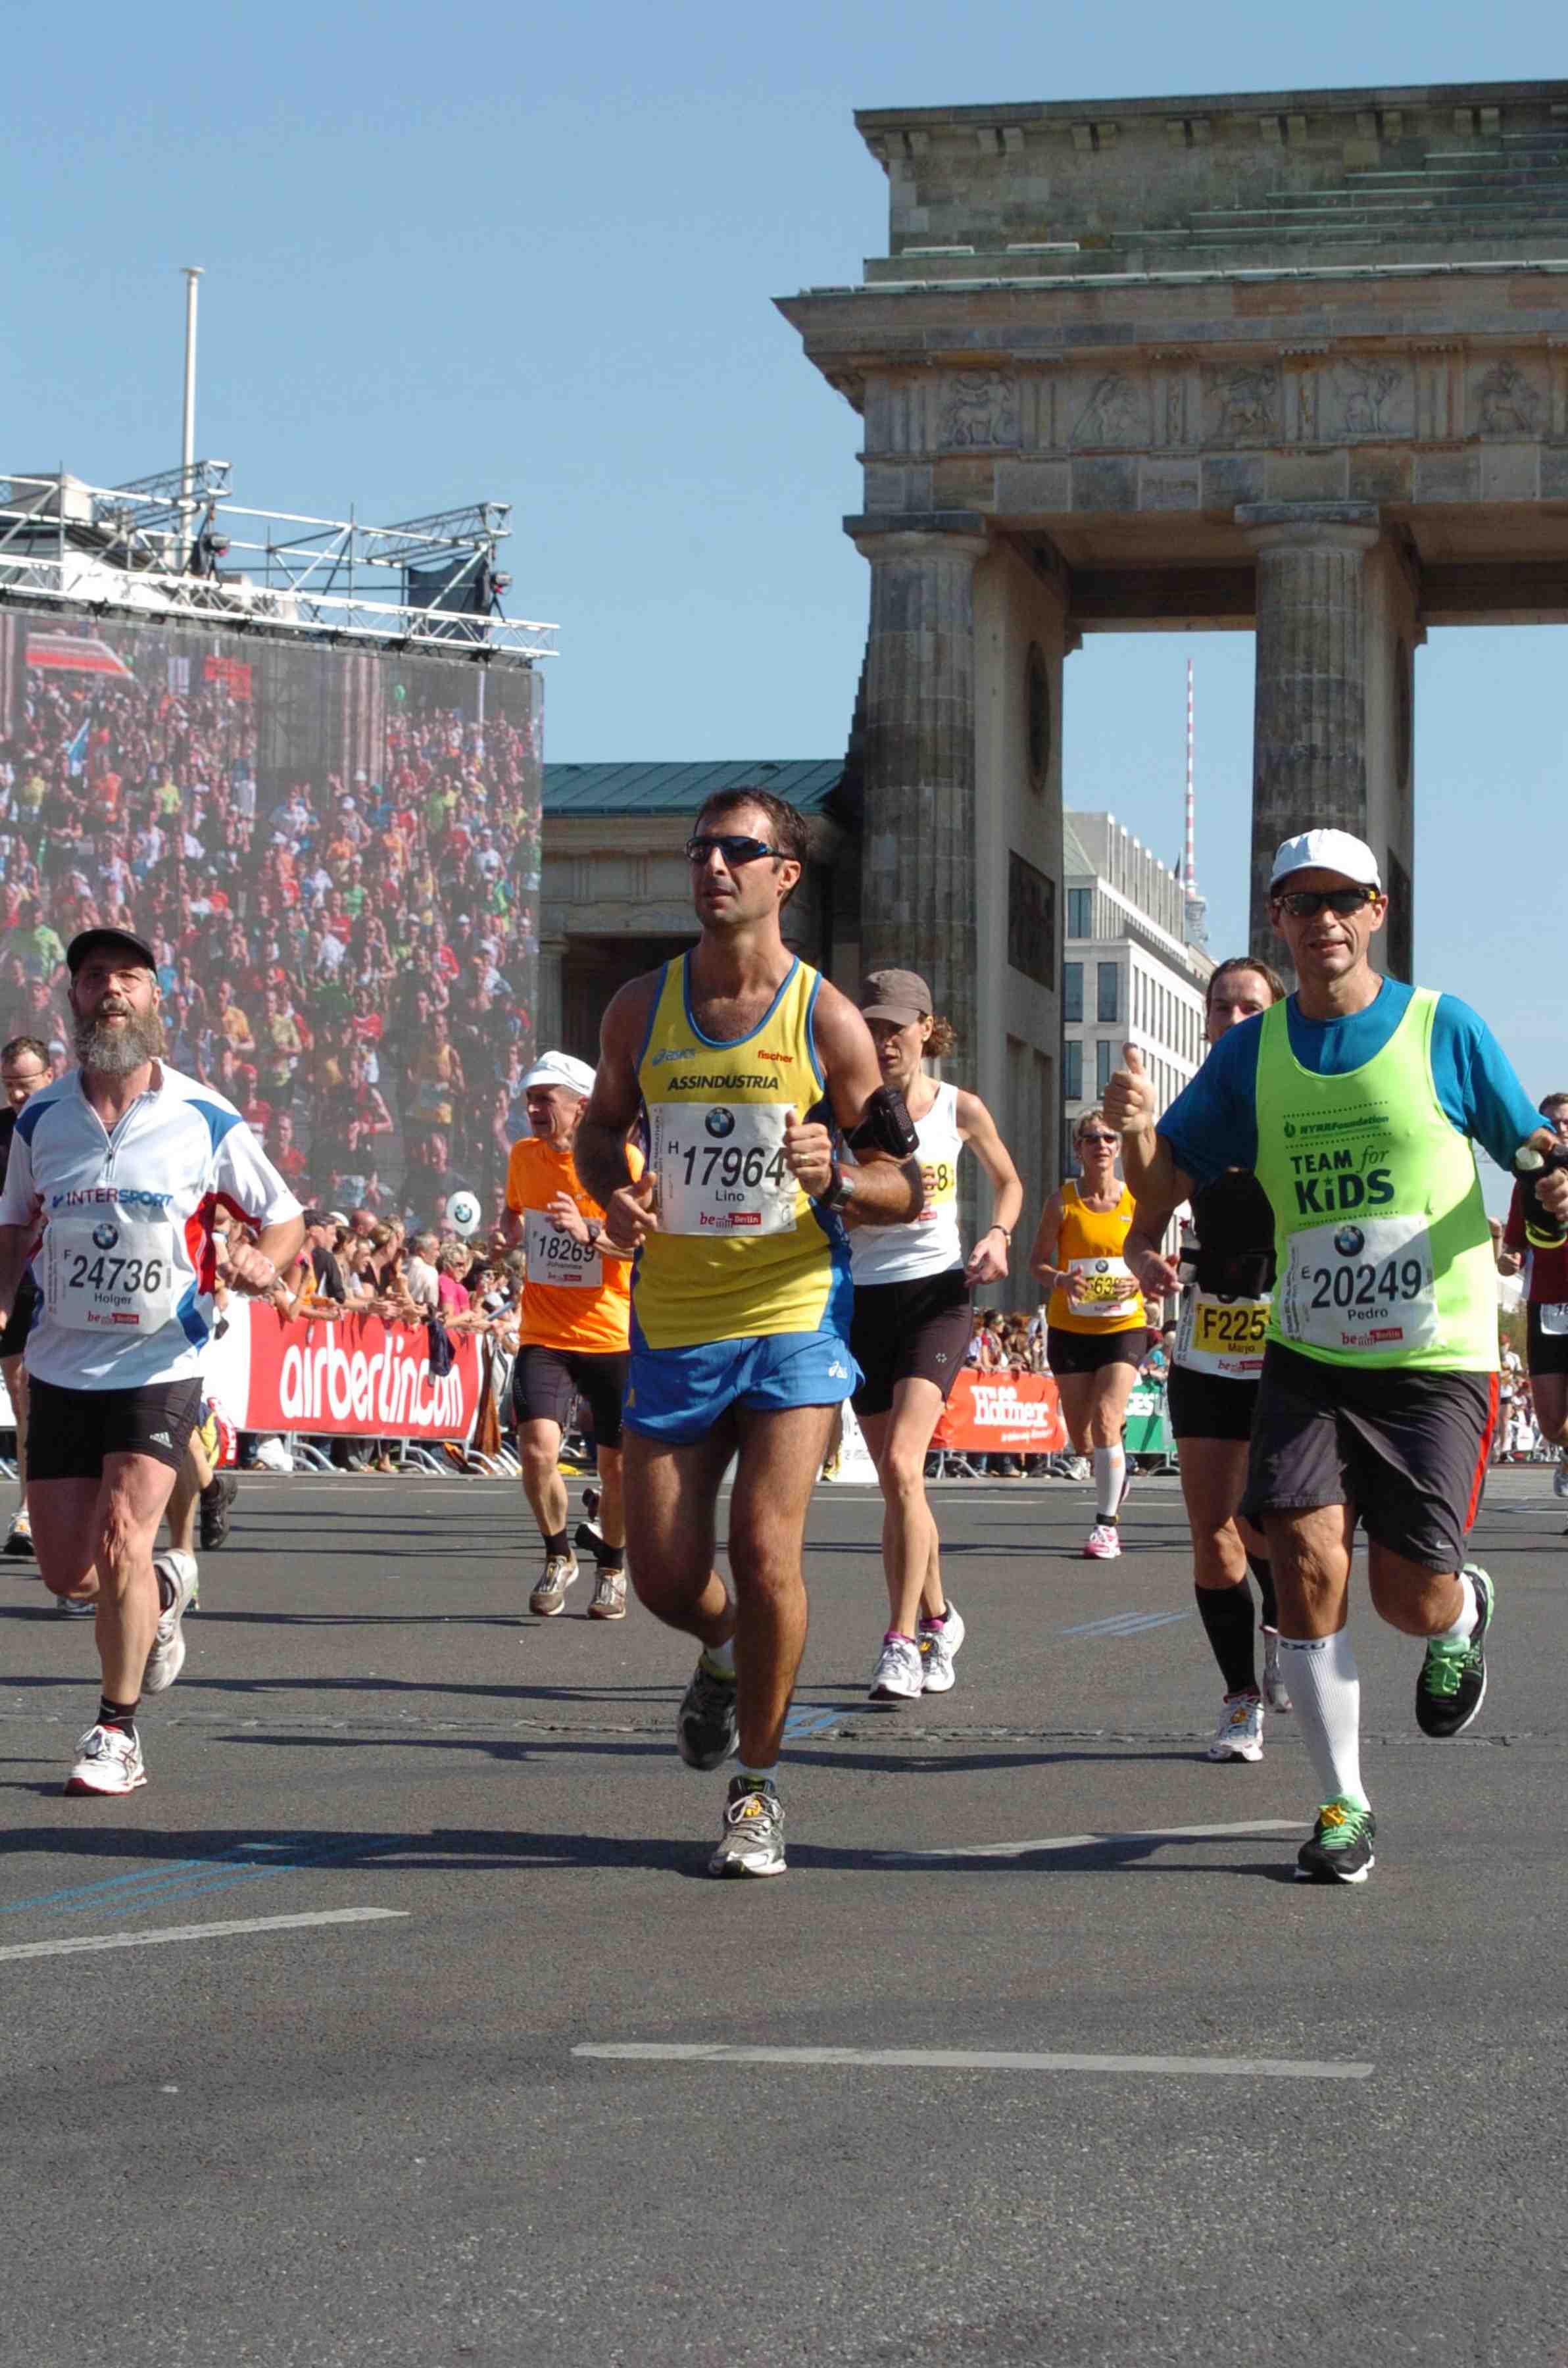 Poi alla ricerca del risultato alla maratona di Berlino